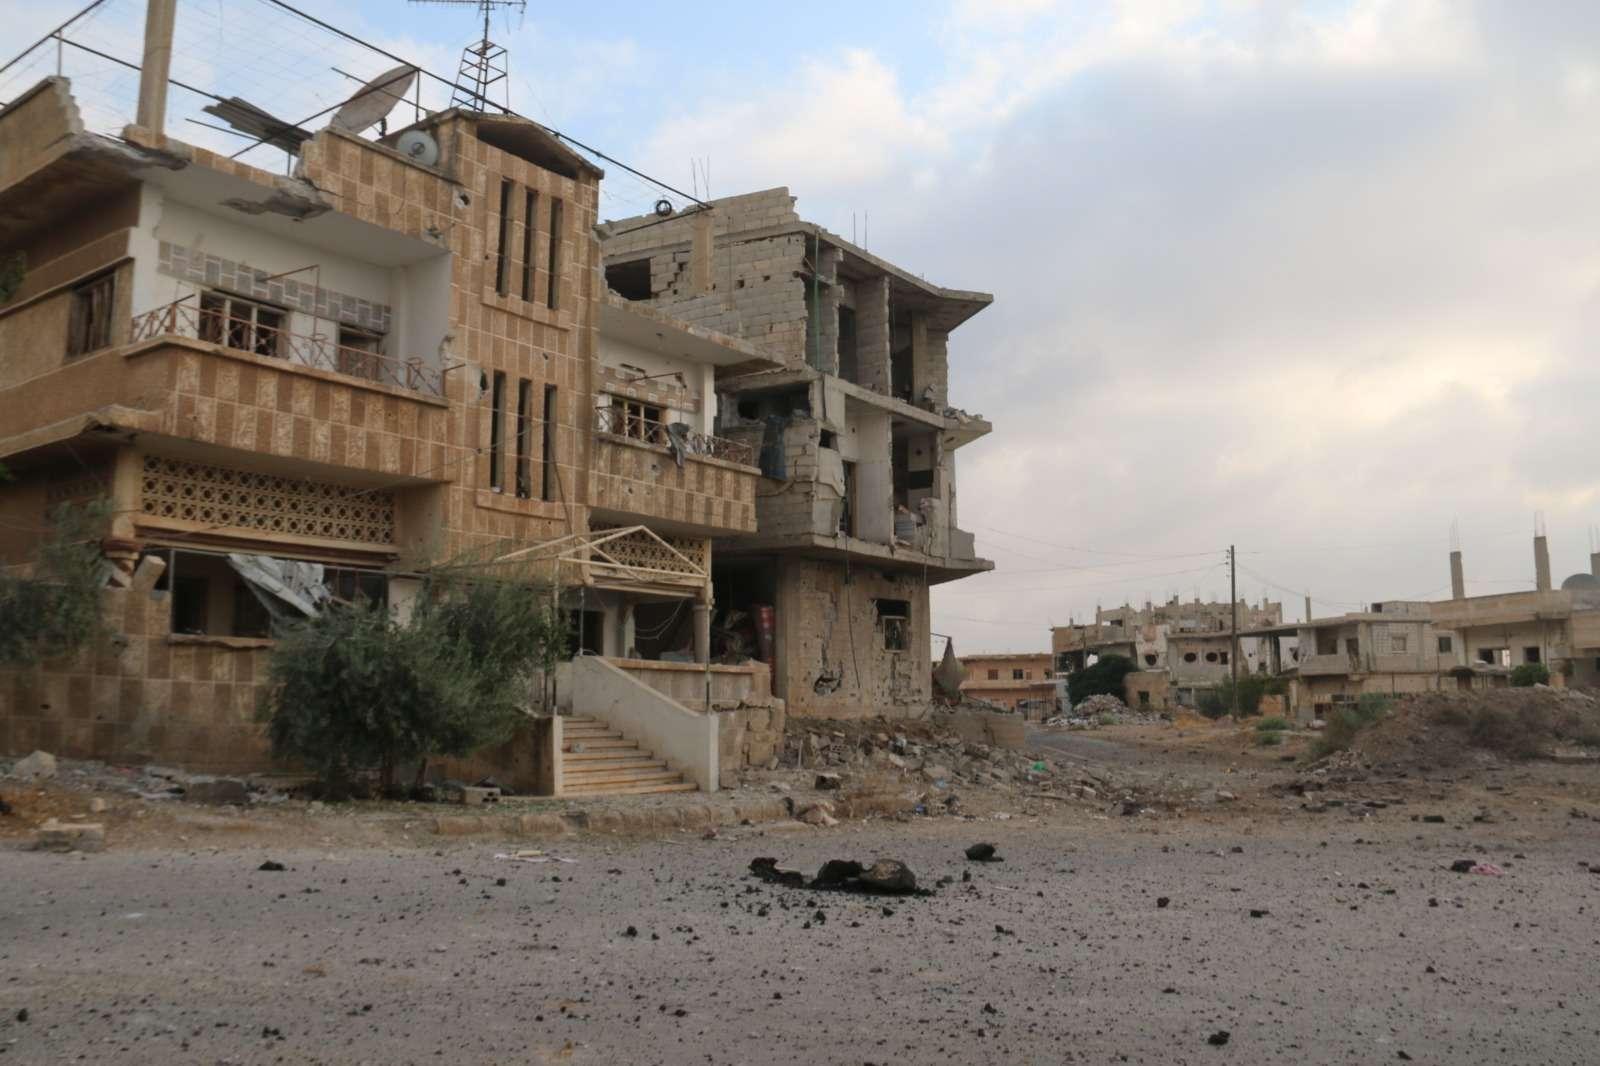 Syrie: Une crise humanitaire aggravée par l'escalade des attaques des forces gouvernementales sur Daraa